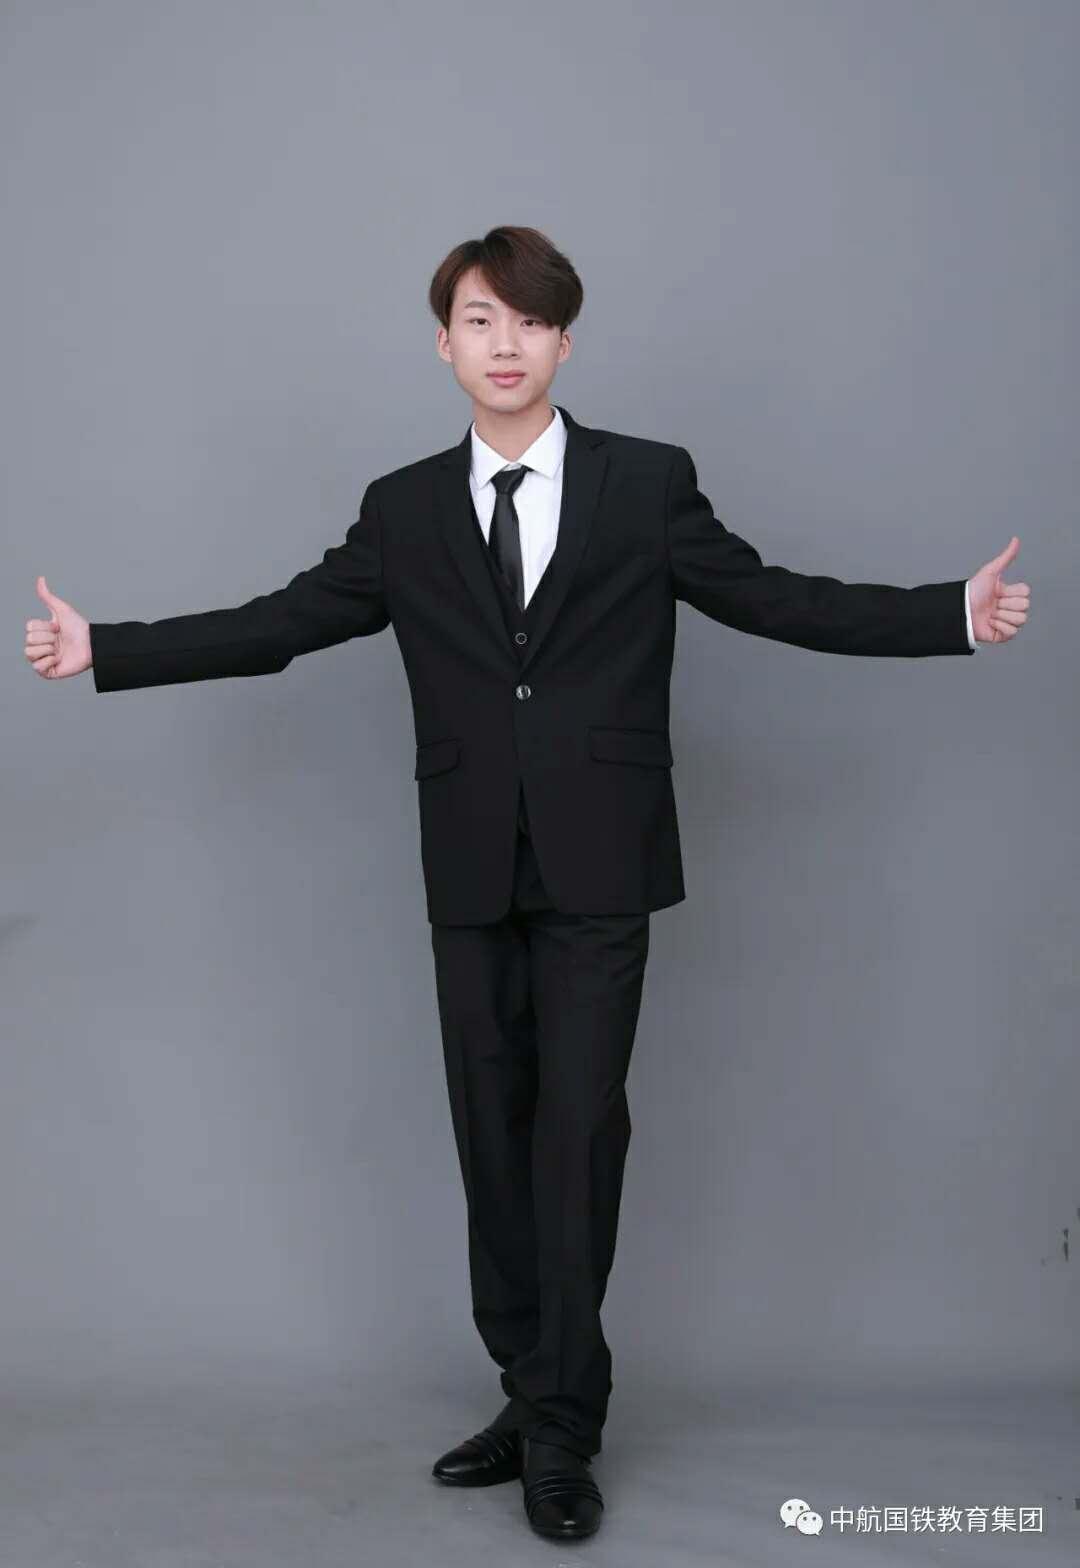 优秀毕业生#平朗:坚持梦想,你将看到不一样的世界